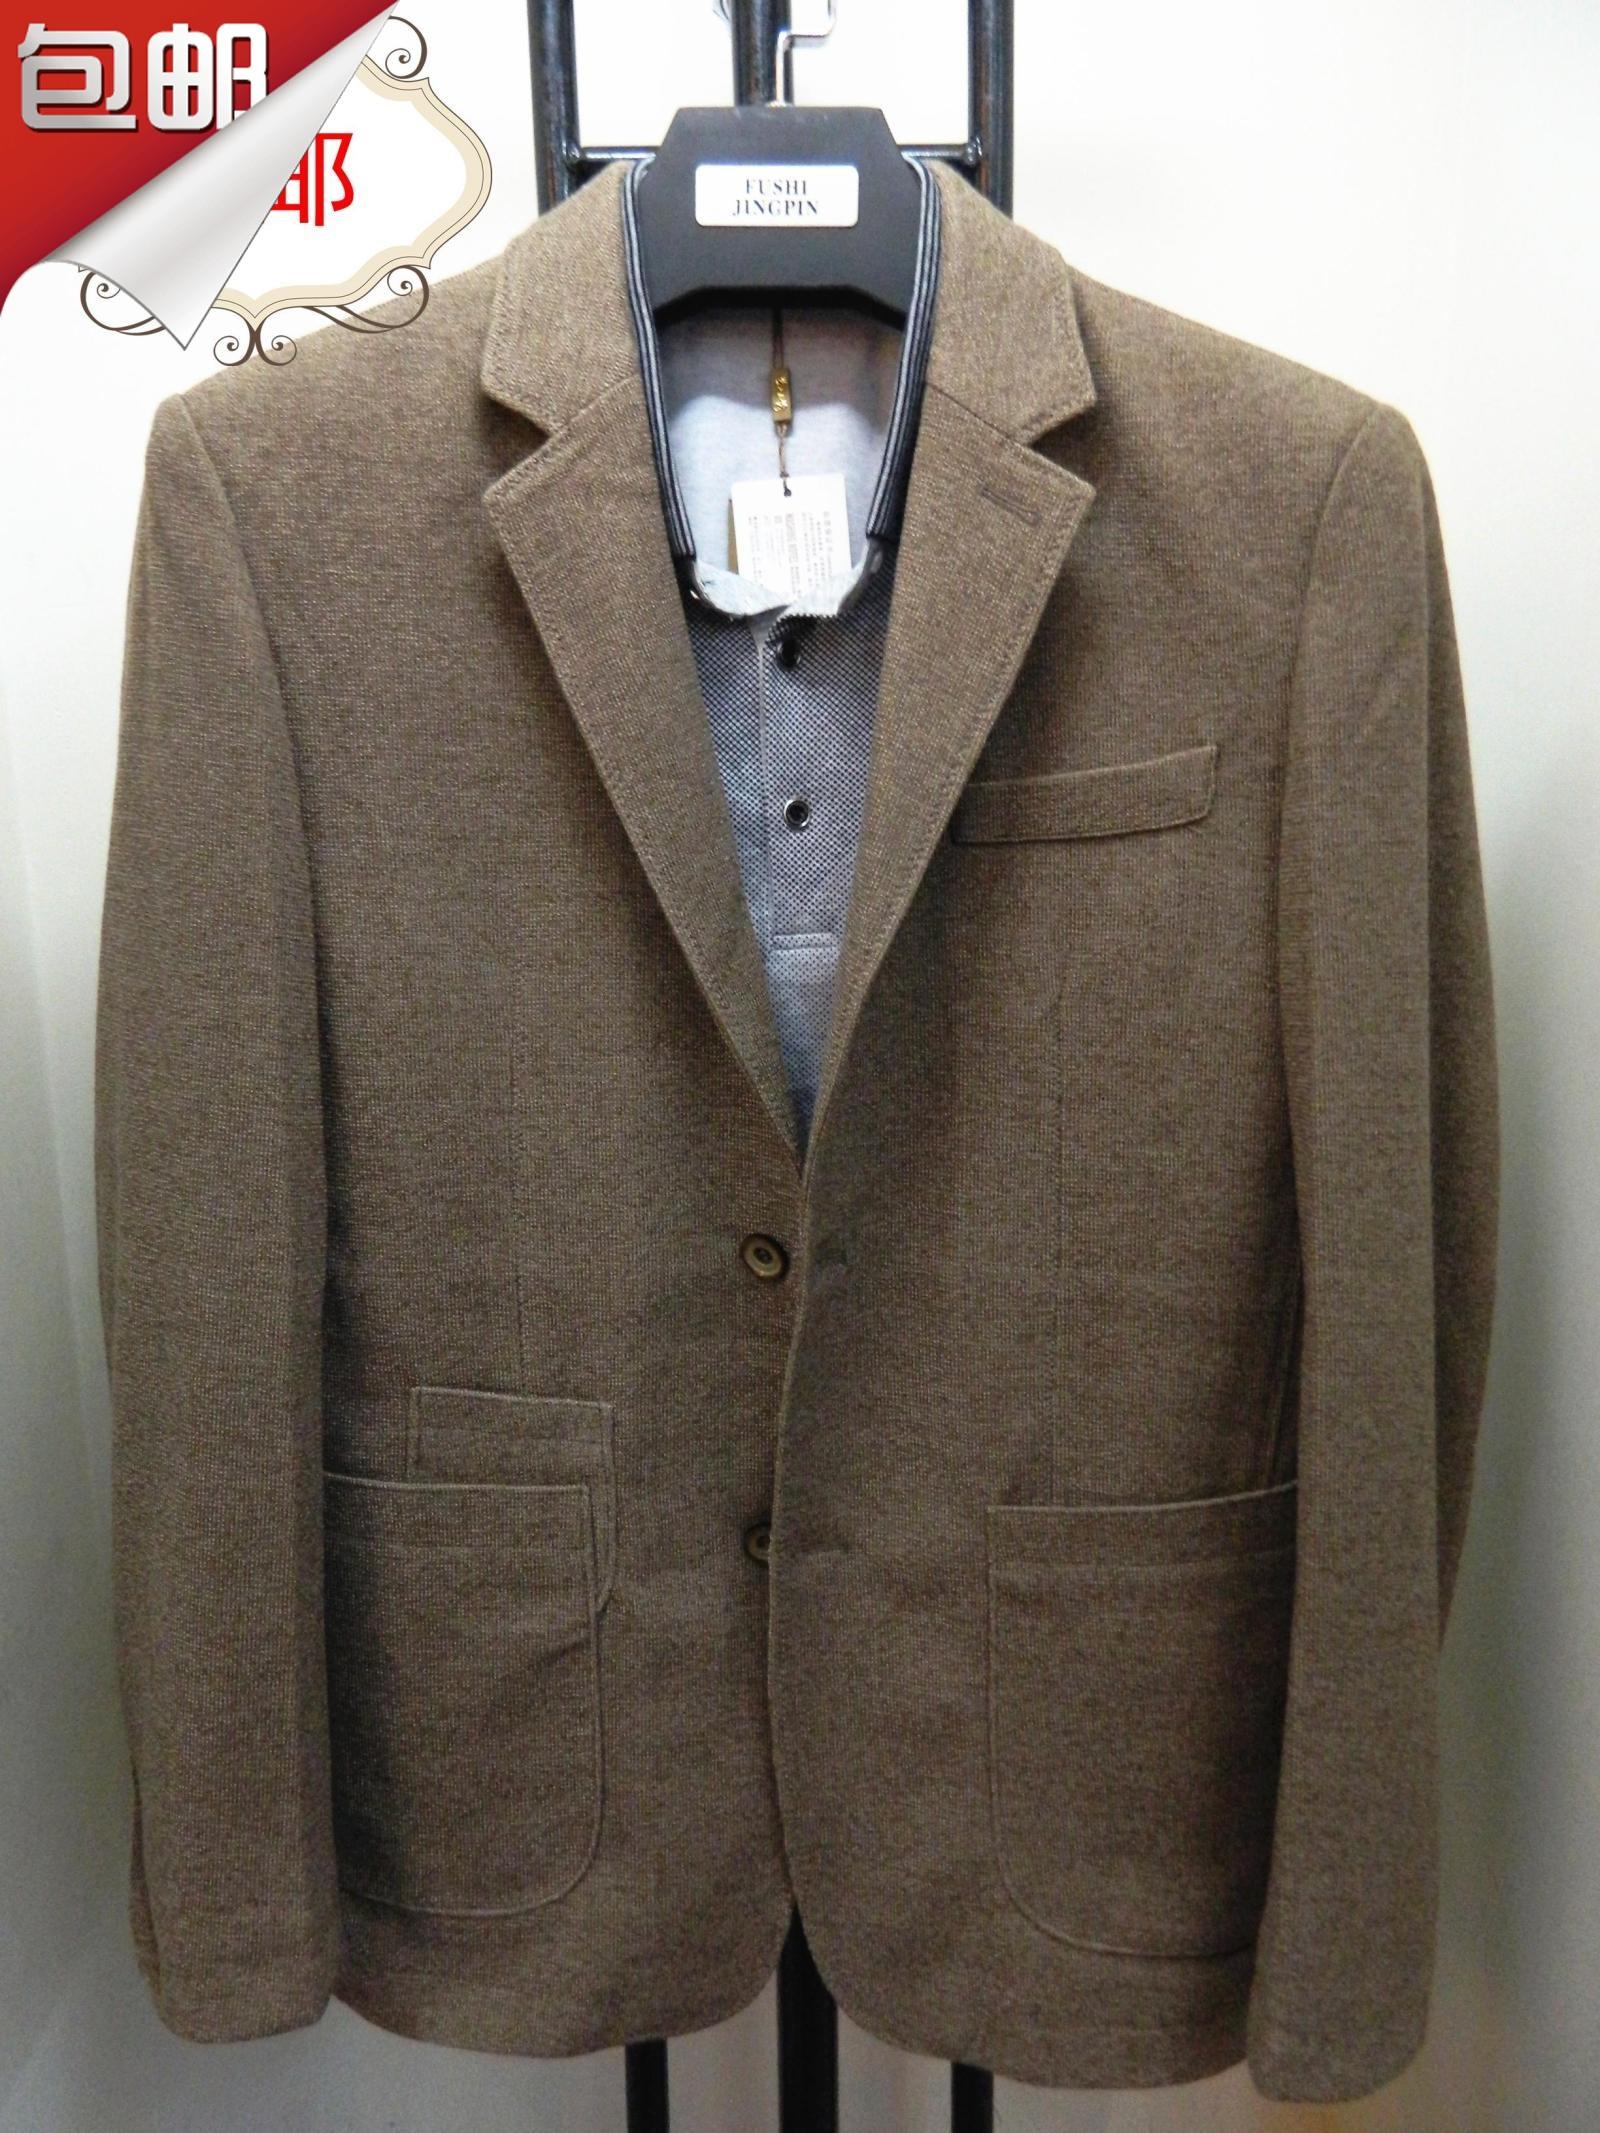 新款男士单装西装 男装外套 休闲西服 包邮 豪威堡j9003